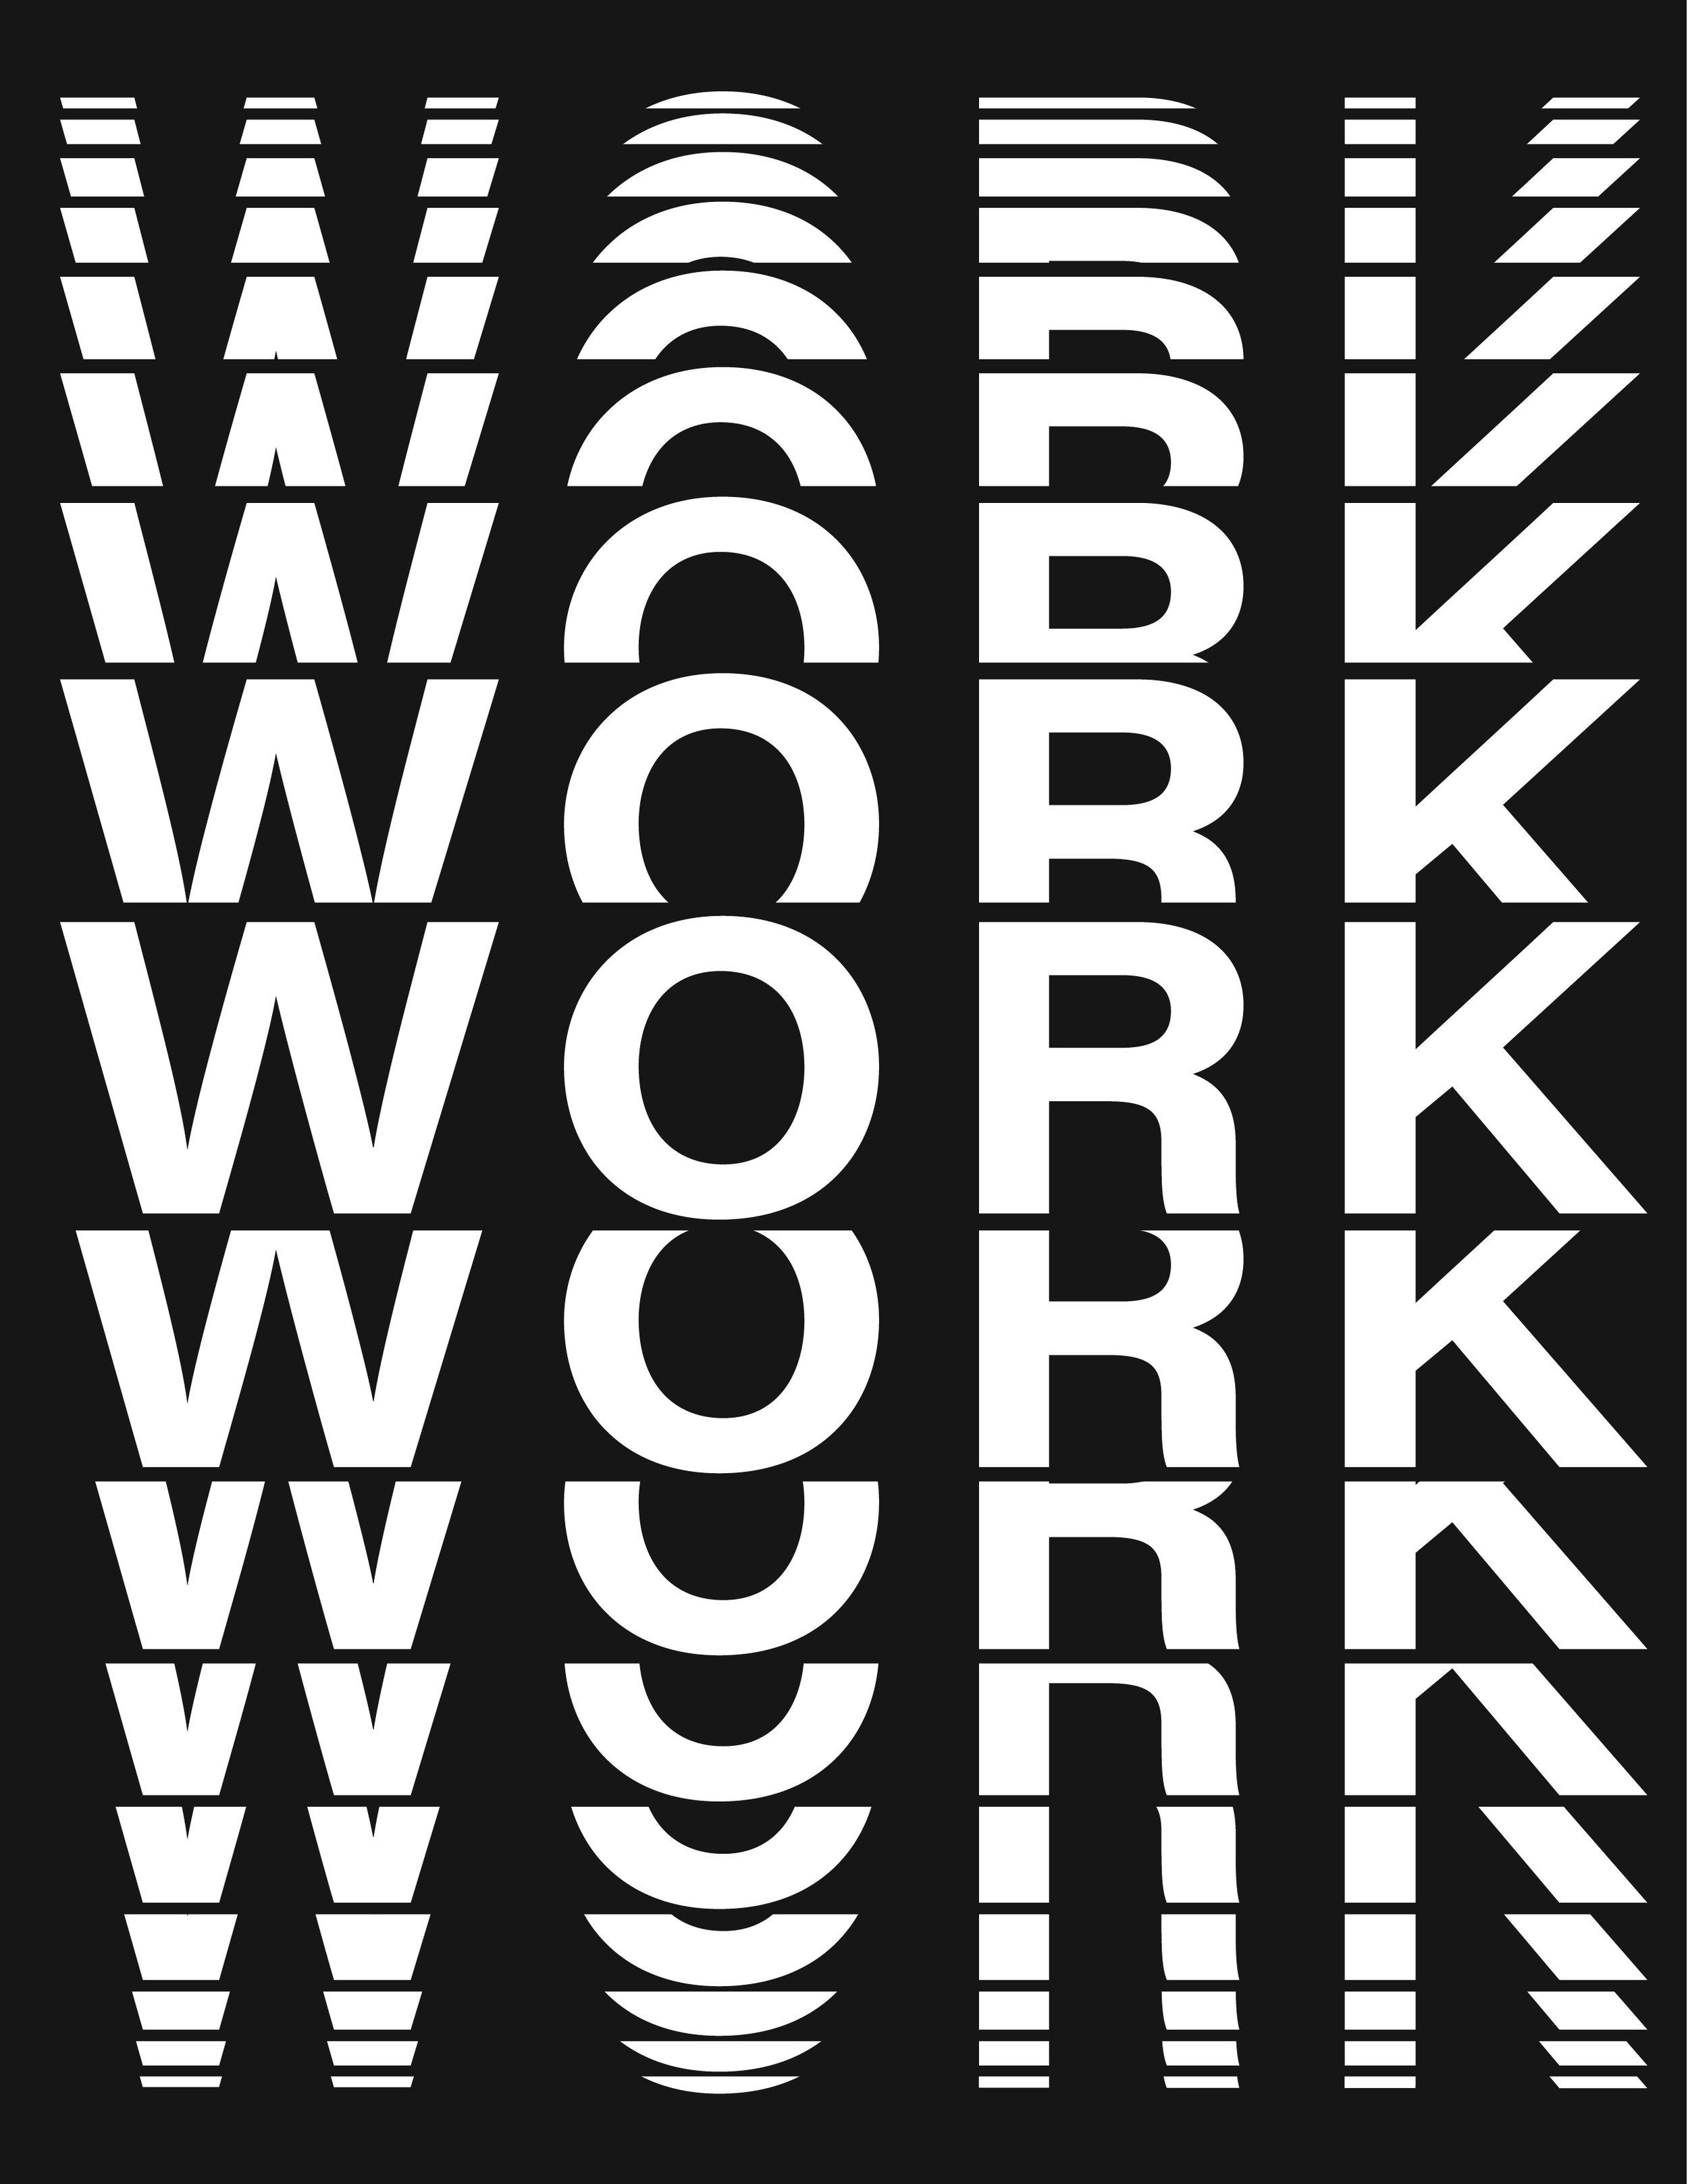 WORK_V5.1-01.jpg